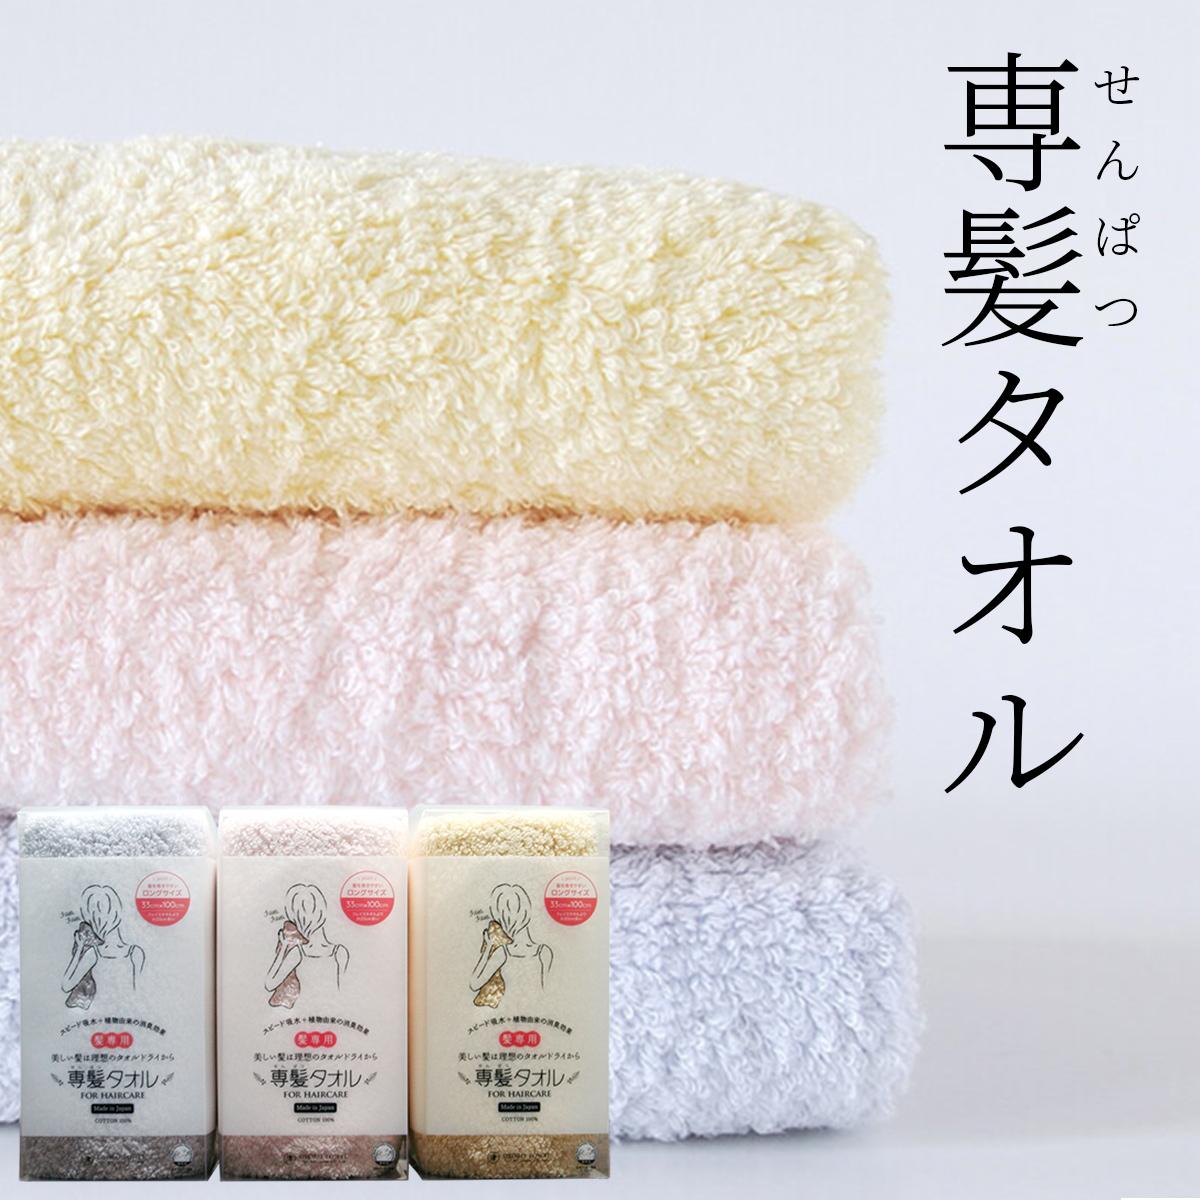 おぼろタオル 専髪タオルの商品画像 ナビ